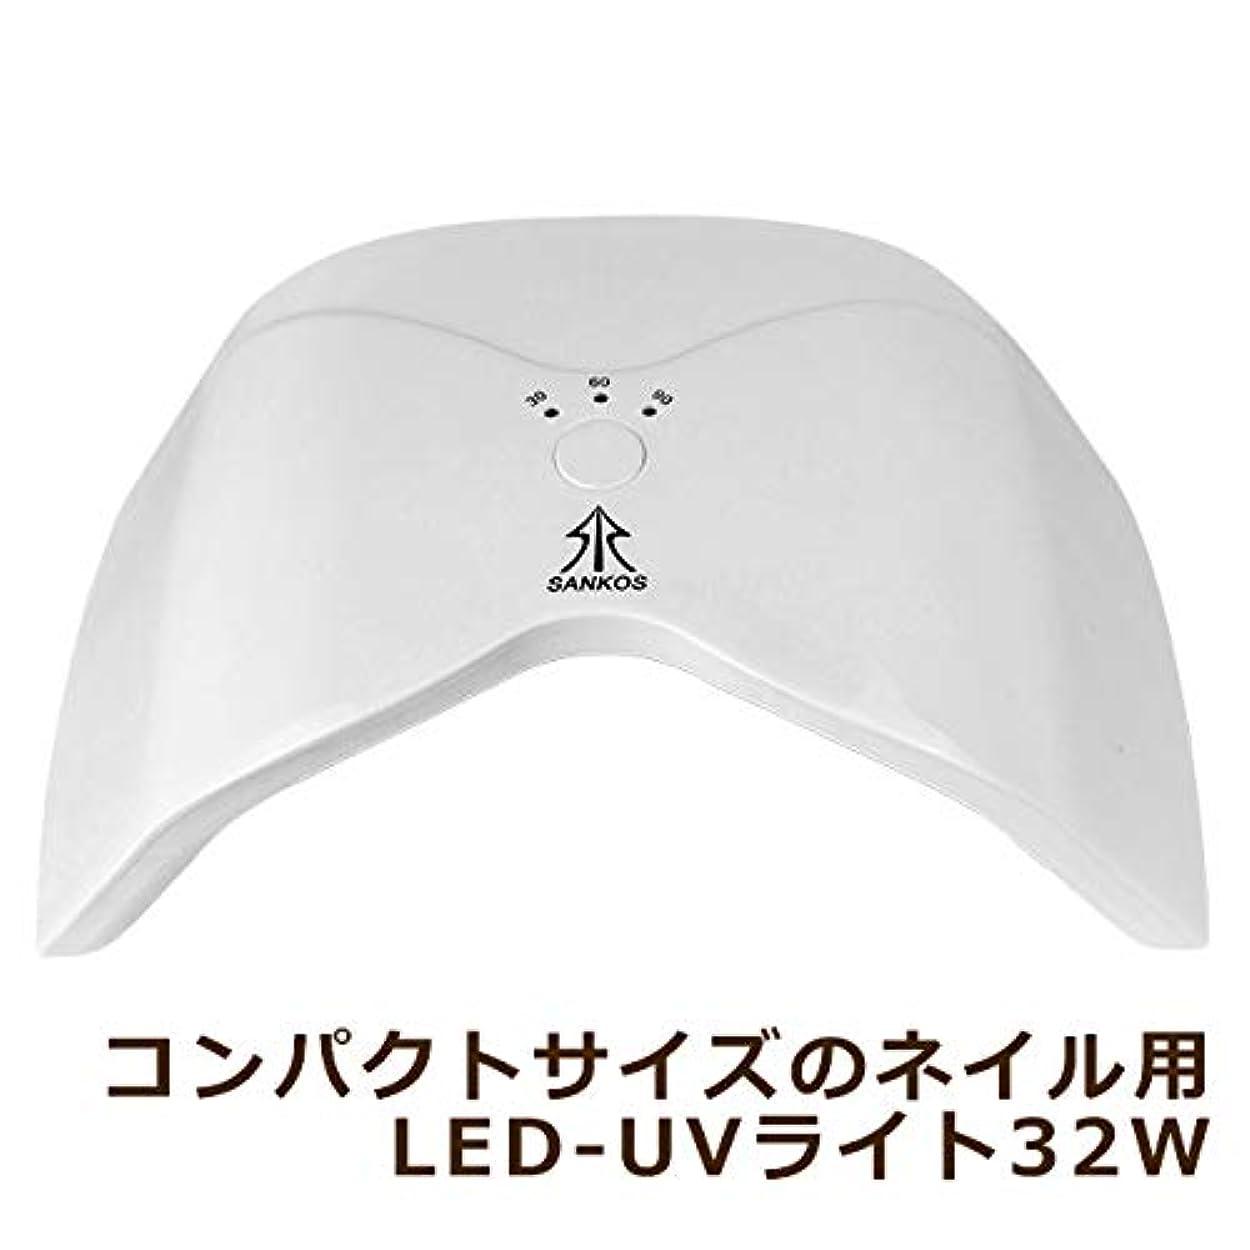 施設ペック適度な【新入荷】コンパクトサイズ ネイル用 LED-UVライト 32W (LED&UV両方対応)30秒?60秒?90秒タイマー付 (ホワイト)